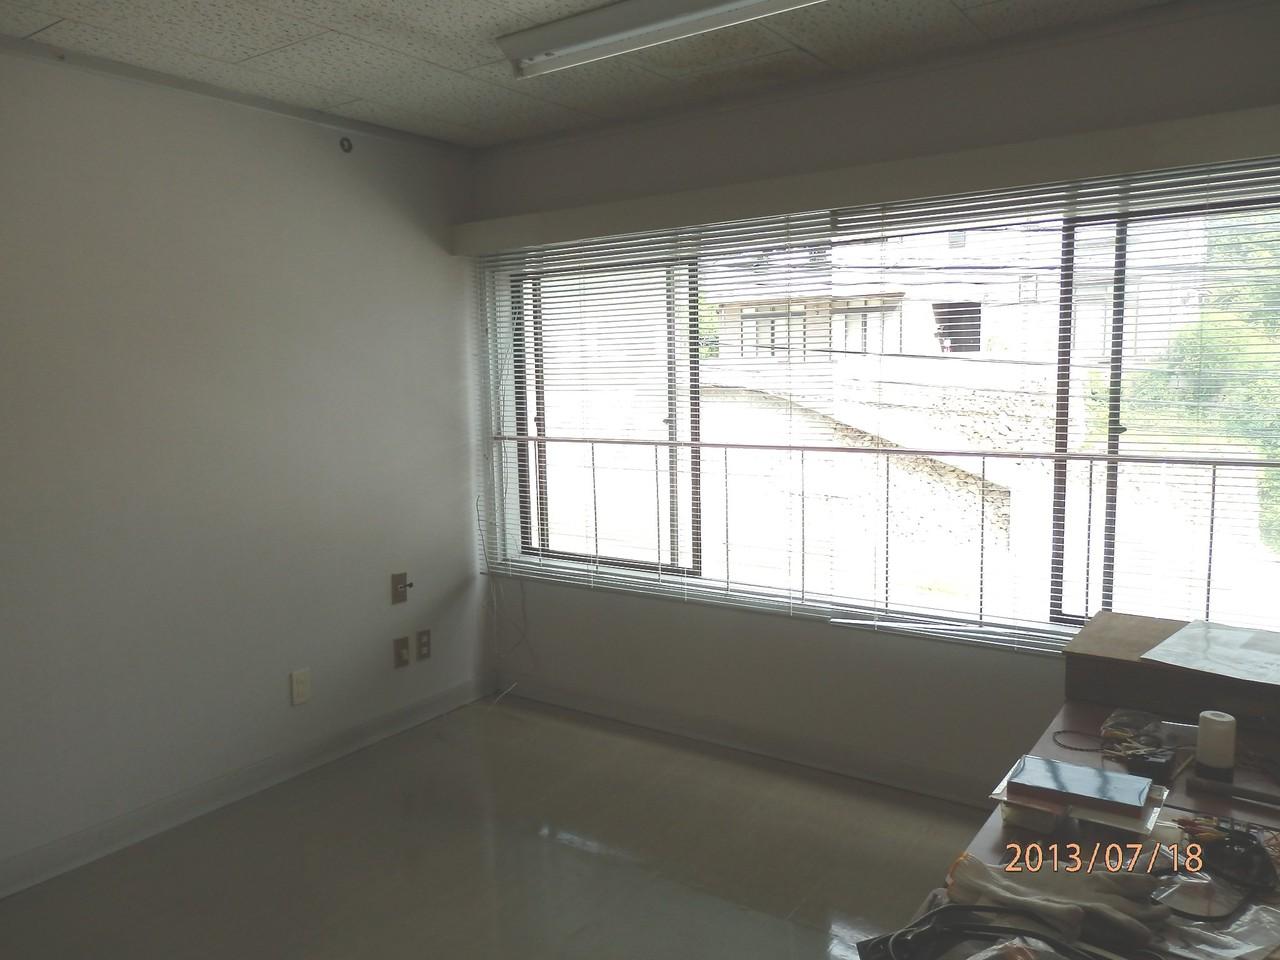 KECビル2階、203号室(2.5坪)室内から外窓方向